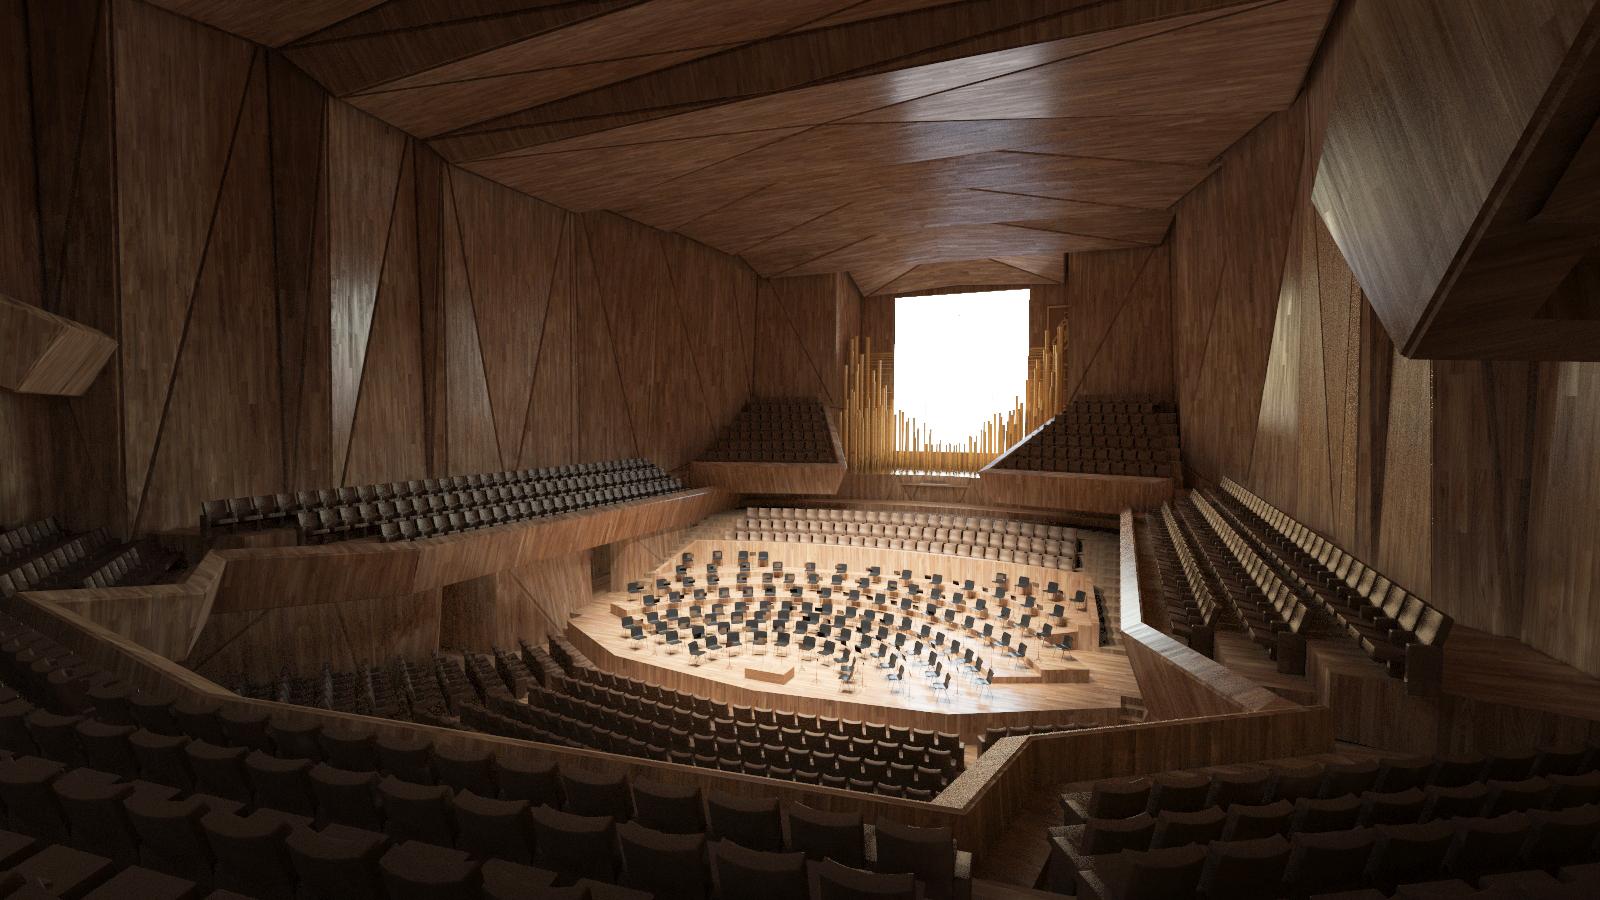 Nacionalinės koncertų salės pagrindinė didžioji salė | Vilniaus miesto savivaldybės nuotr.